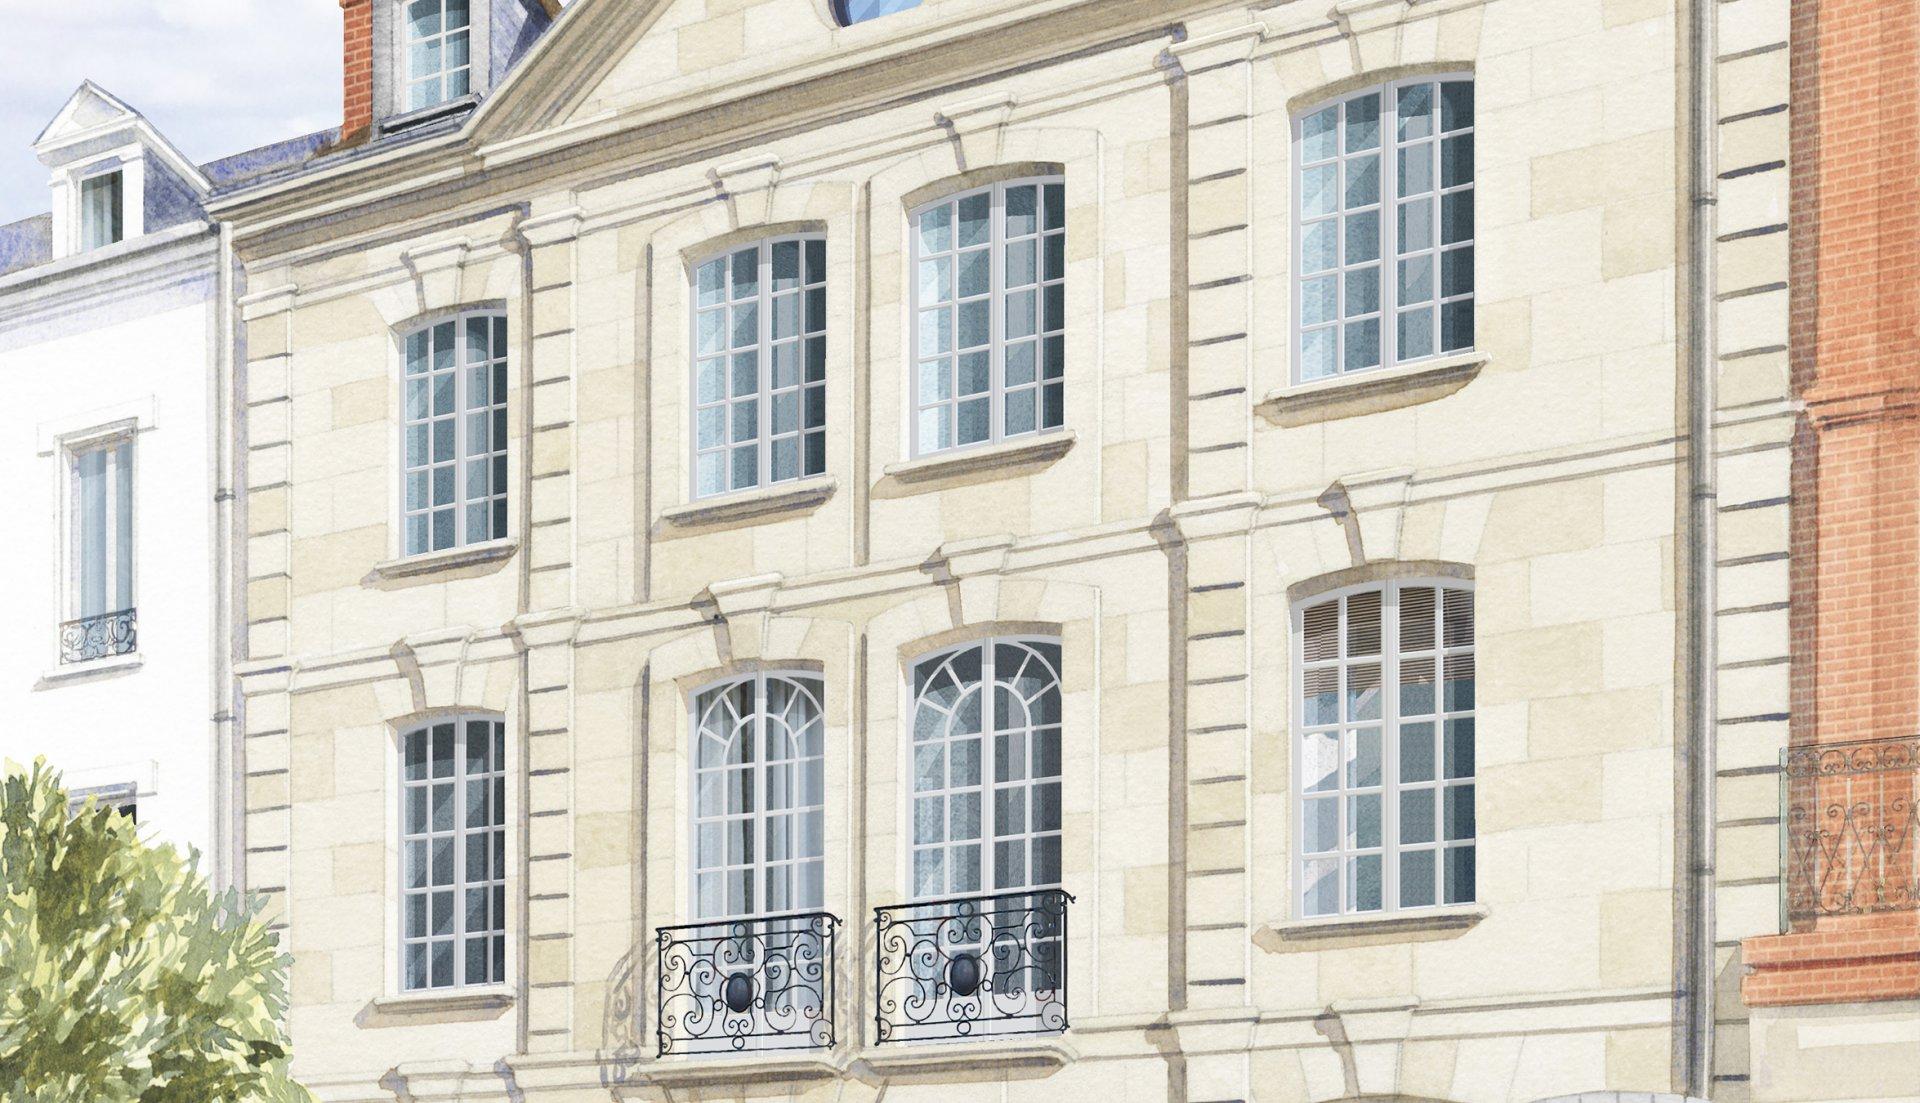 Vente Duplex - Beauvais